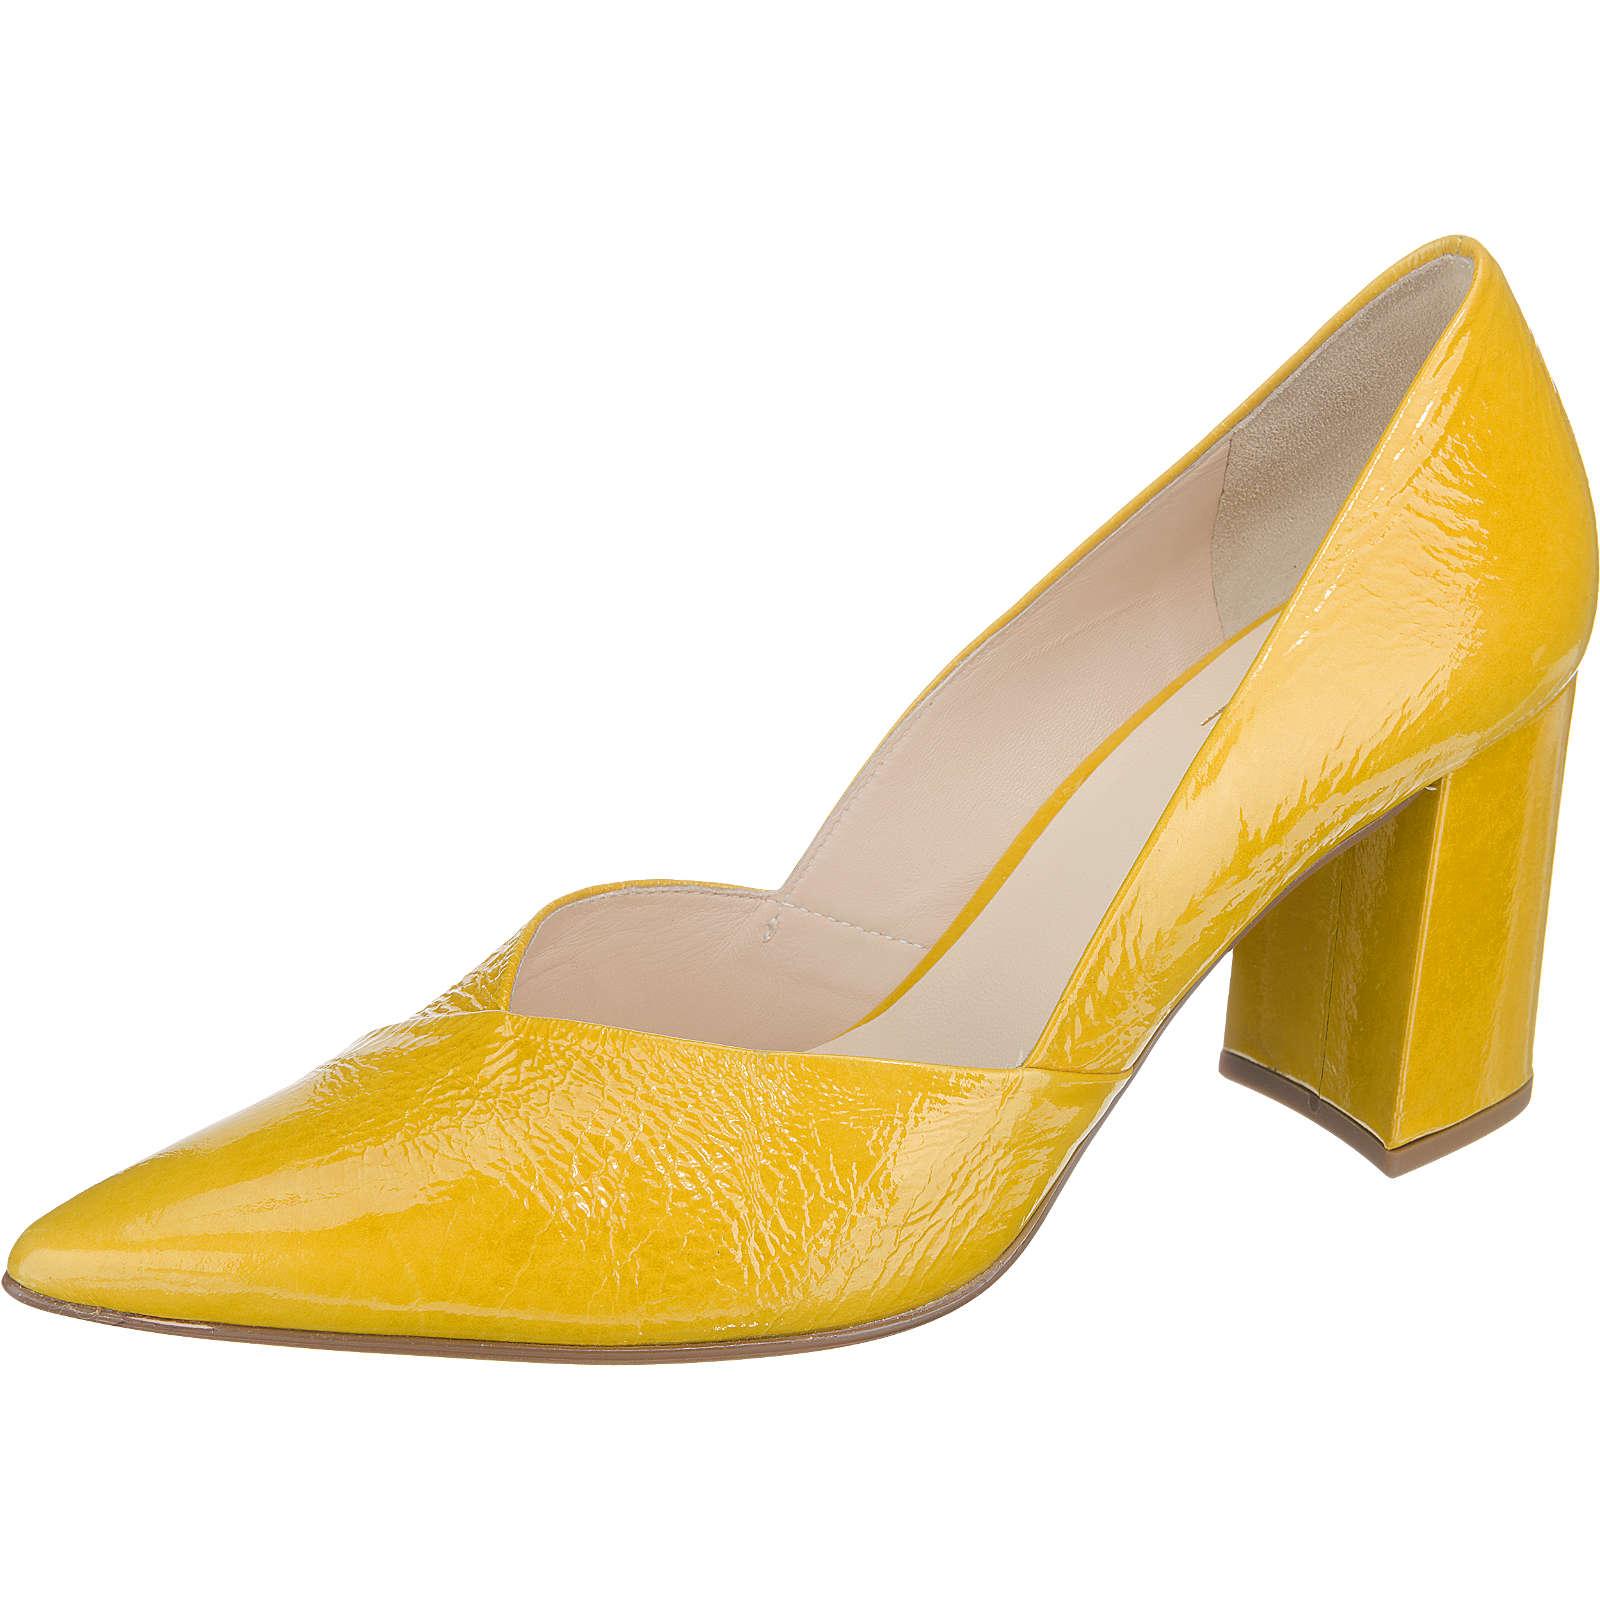 högl Pumps gelb Damen Gr. 37